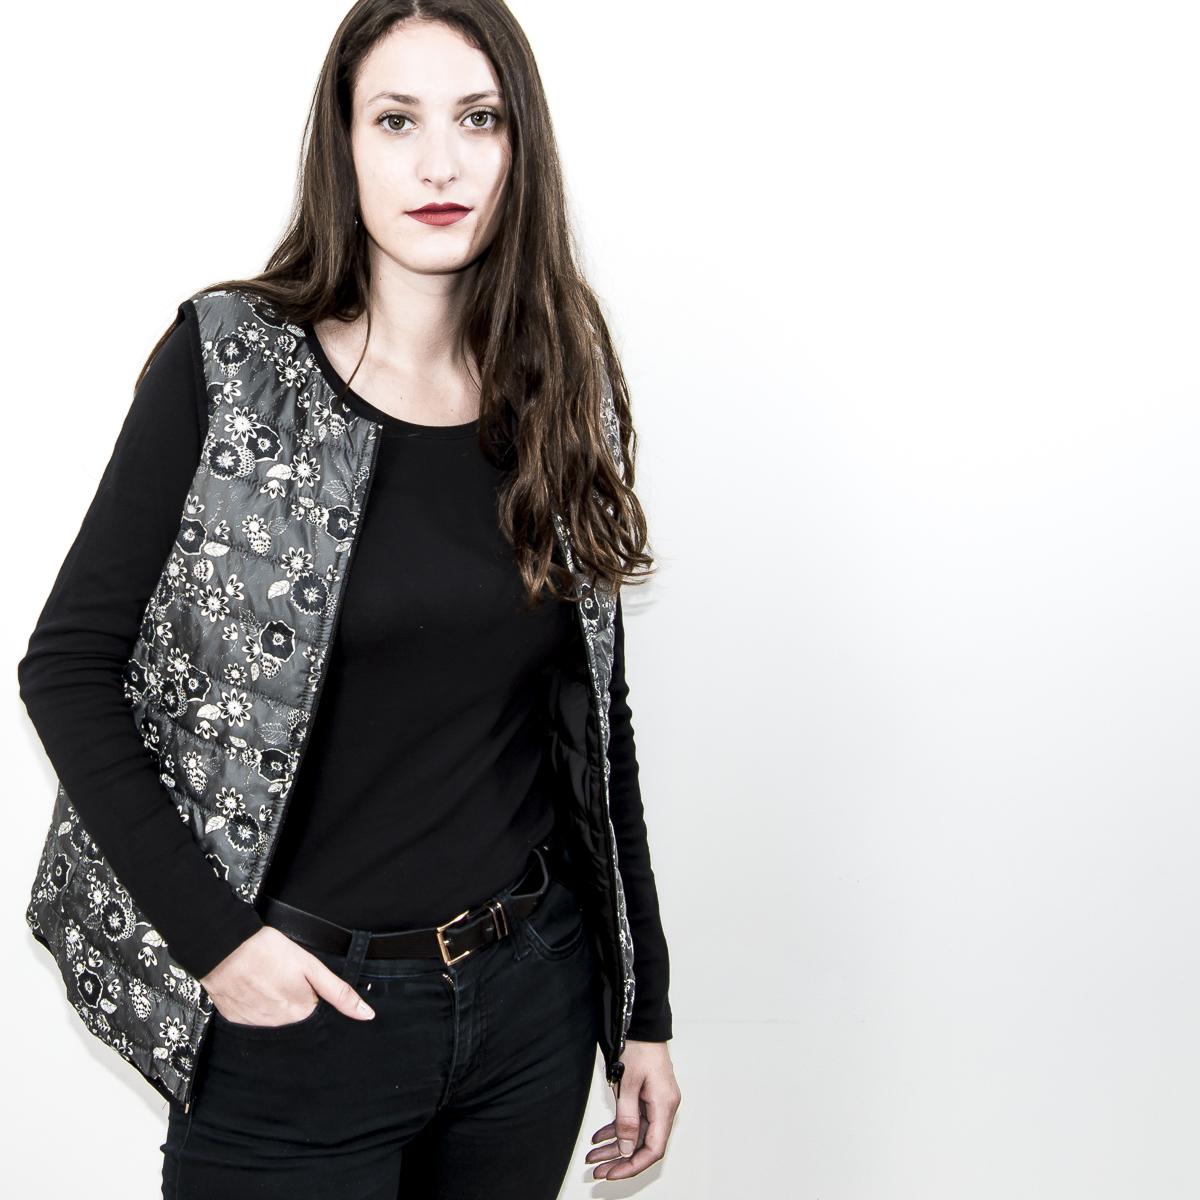 Gwendoline Lefeuvre ⎮ Graphisme & Design textile à Nantes ⎮ Lacalu marque de vêtements Homme/Femme